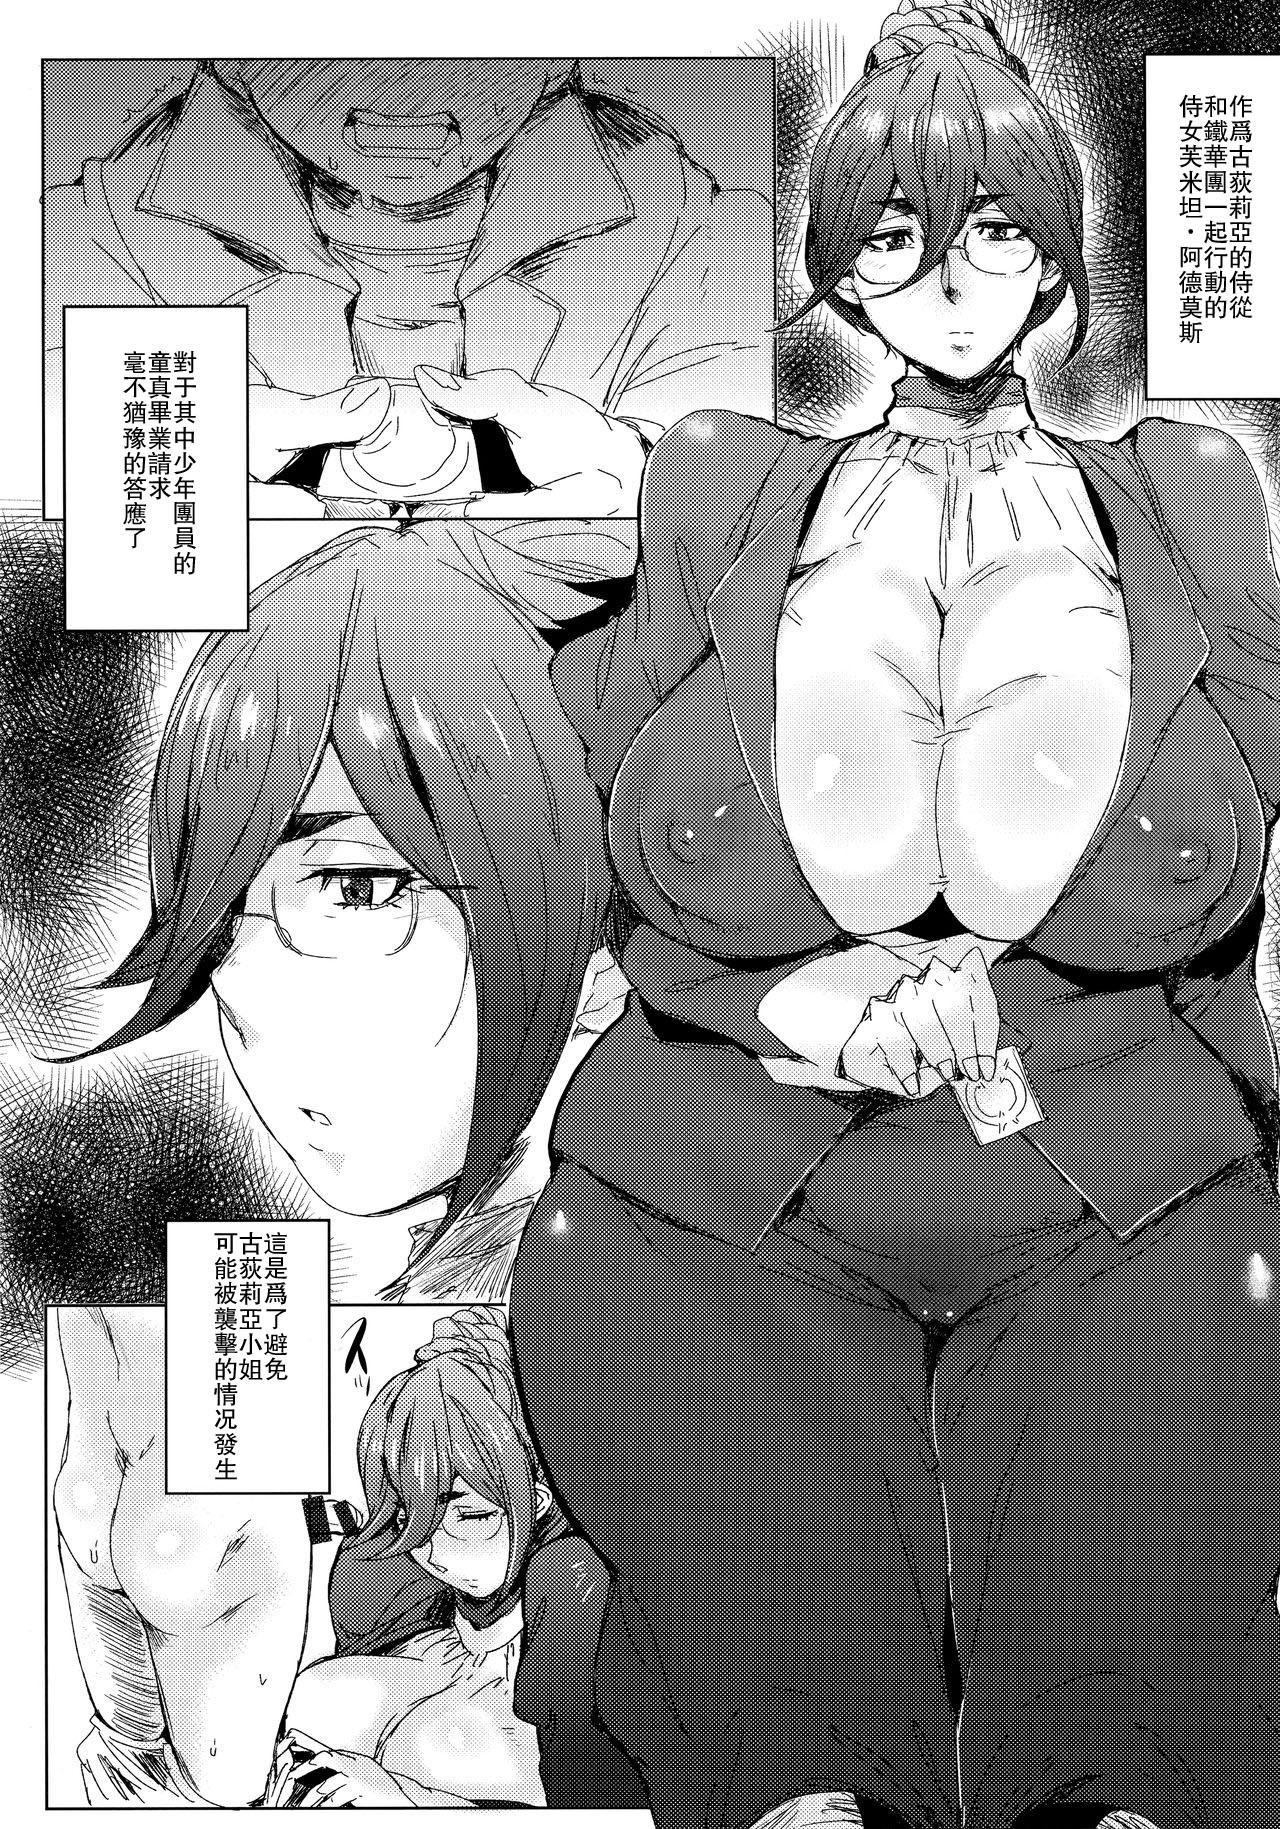 Gohoushi Fumitan Chingui no Zukobakos 1